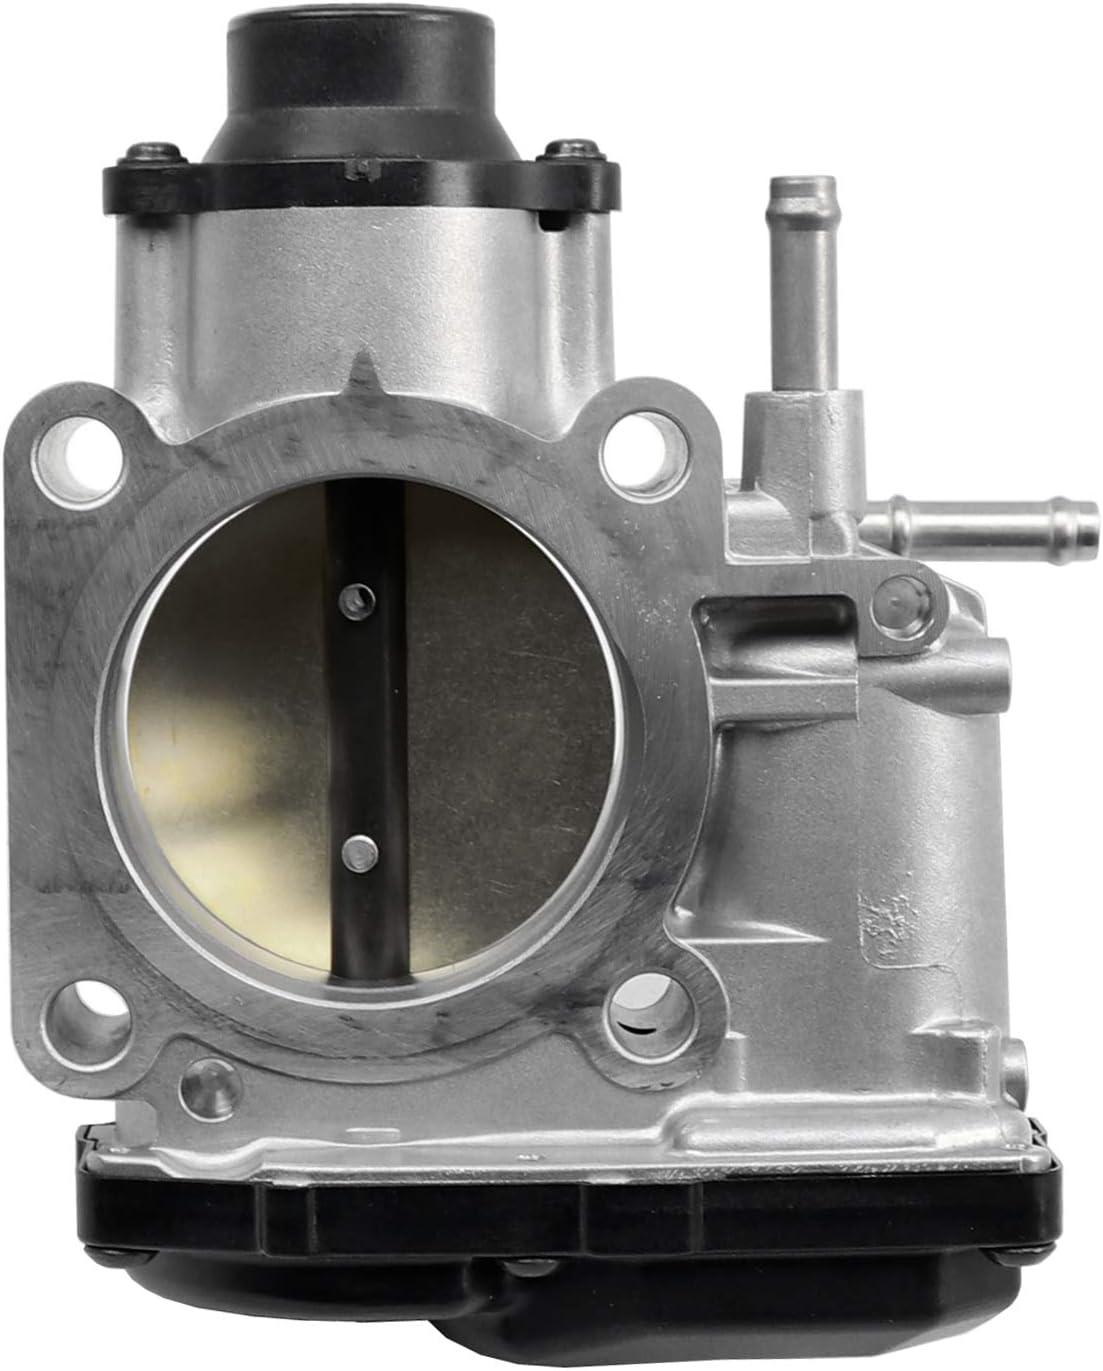 BECKARNLEY 154-0206 Throttle Body